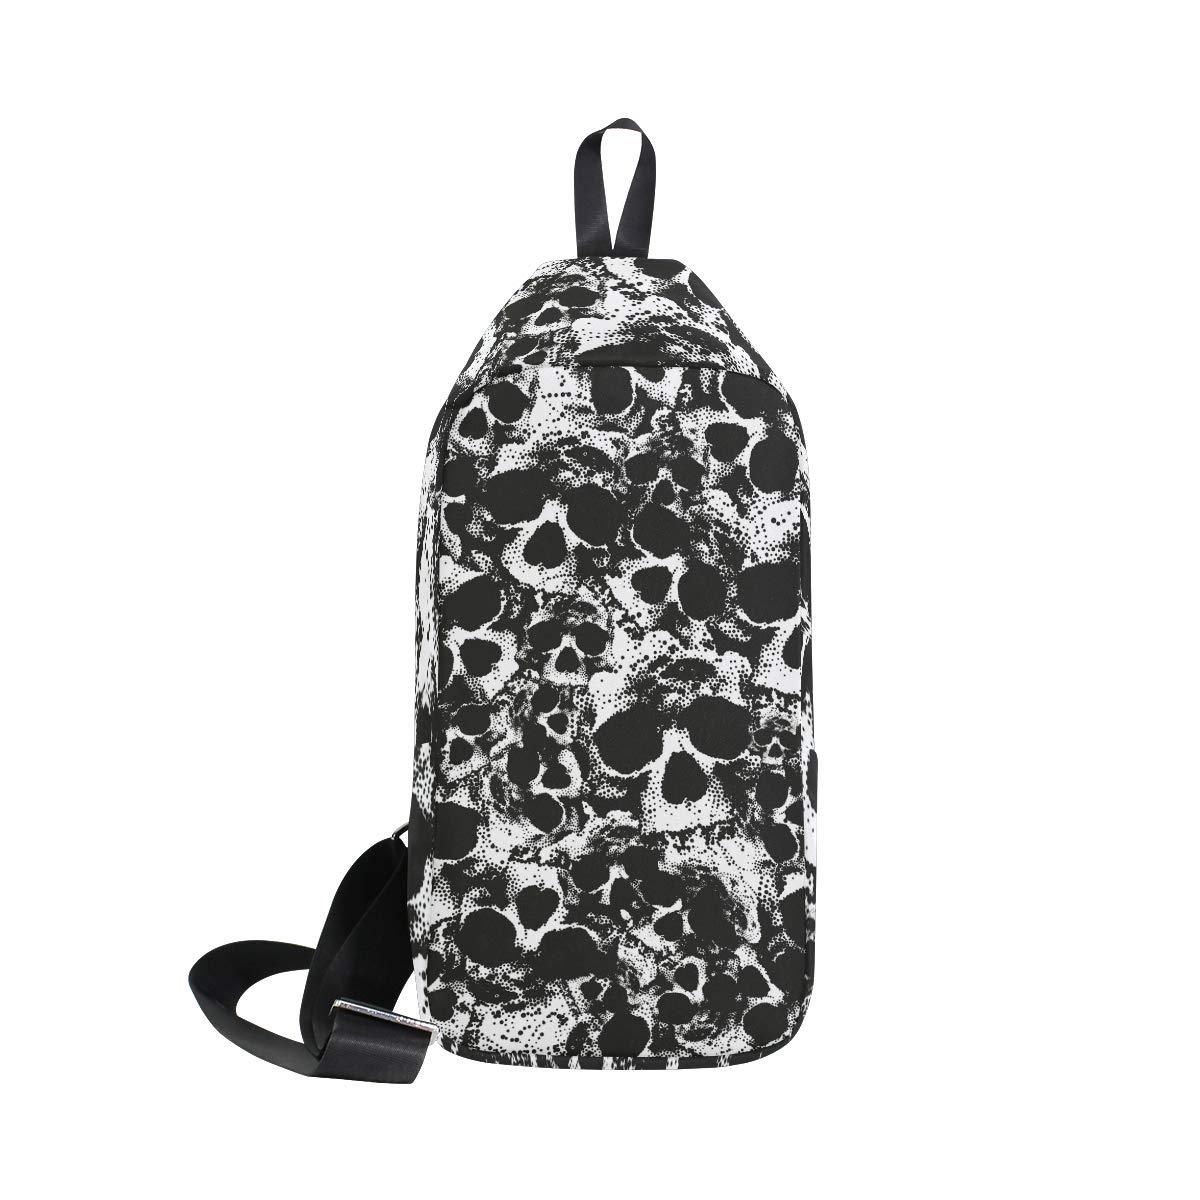 AHOMY Black And White Skull Messenger Bag Small Travel School Sling Bag Crossbody Bag